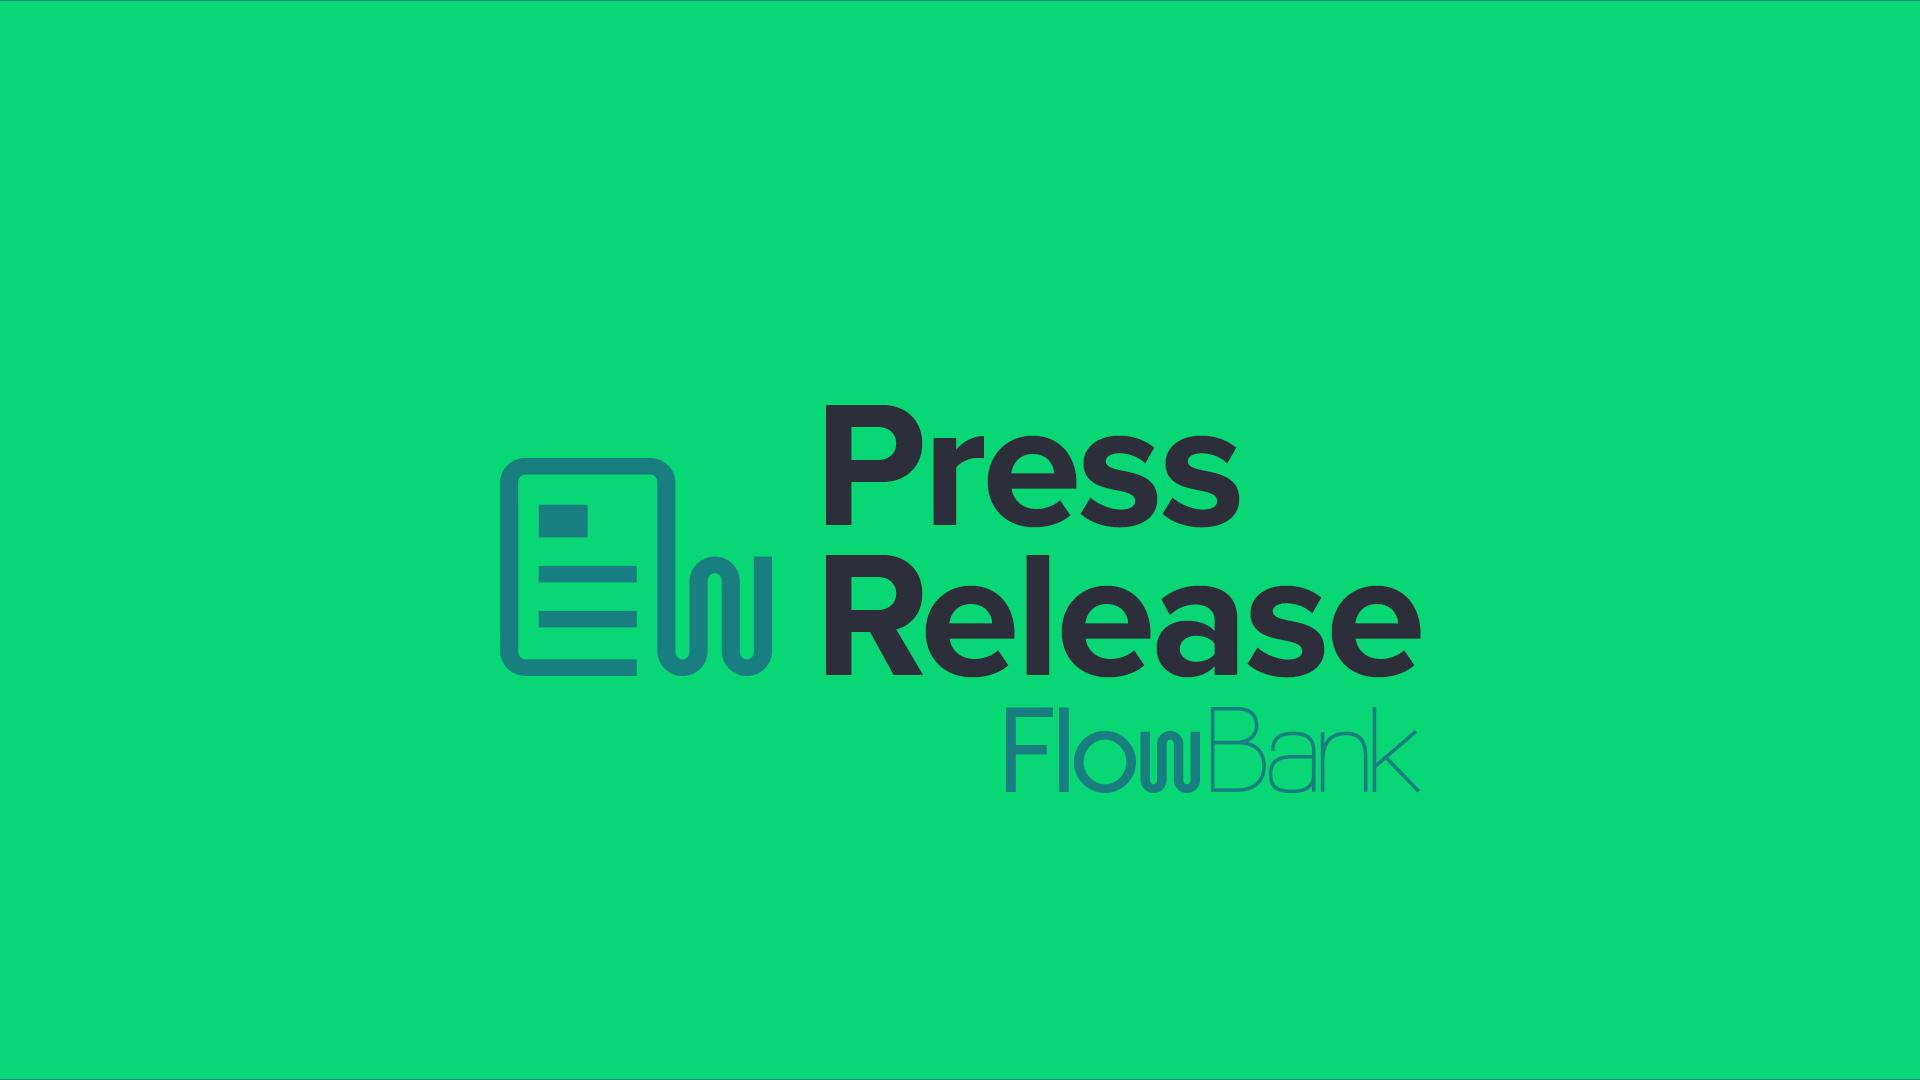 press release flowbank